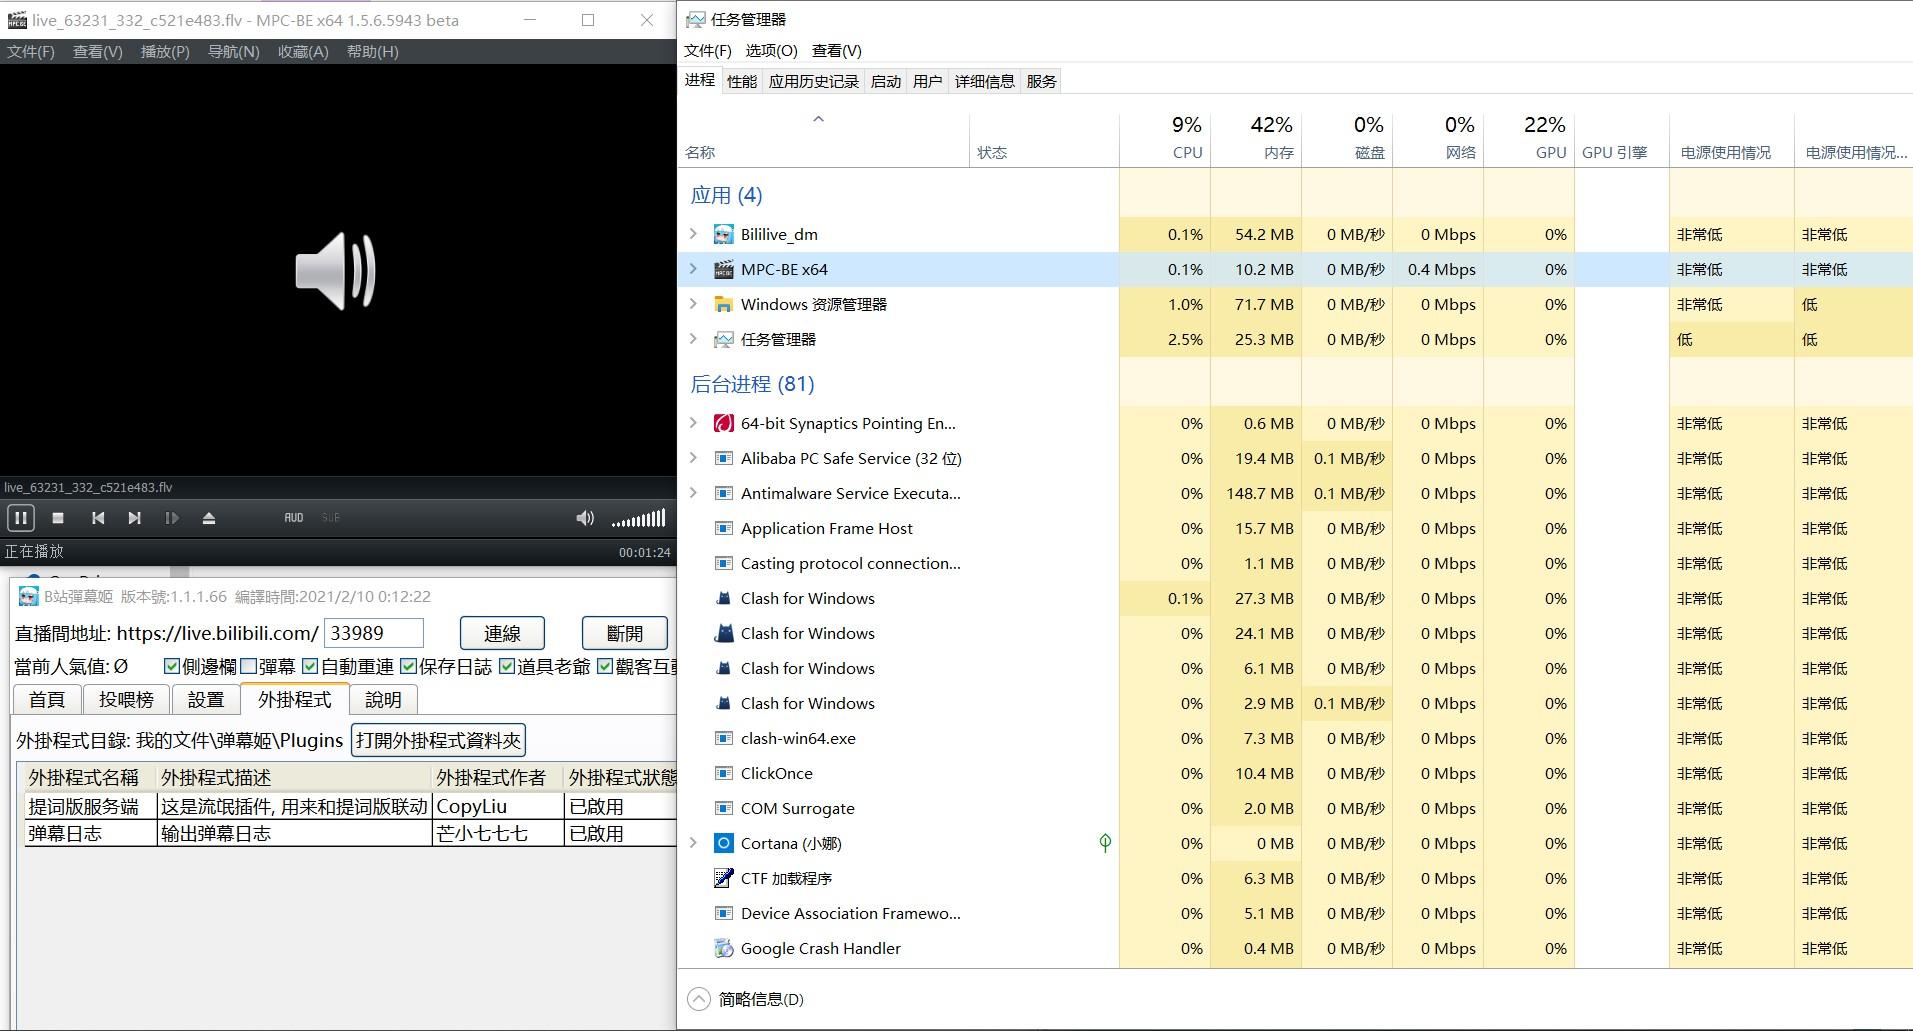 屏幕截图 2021-02-22 001833 只播放音频极省流量、CPU和GPU